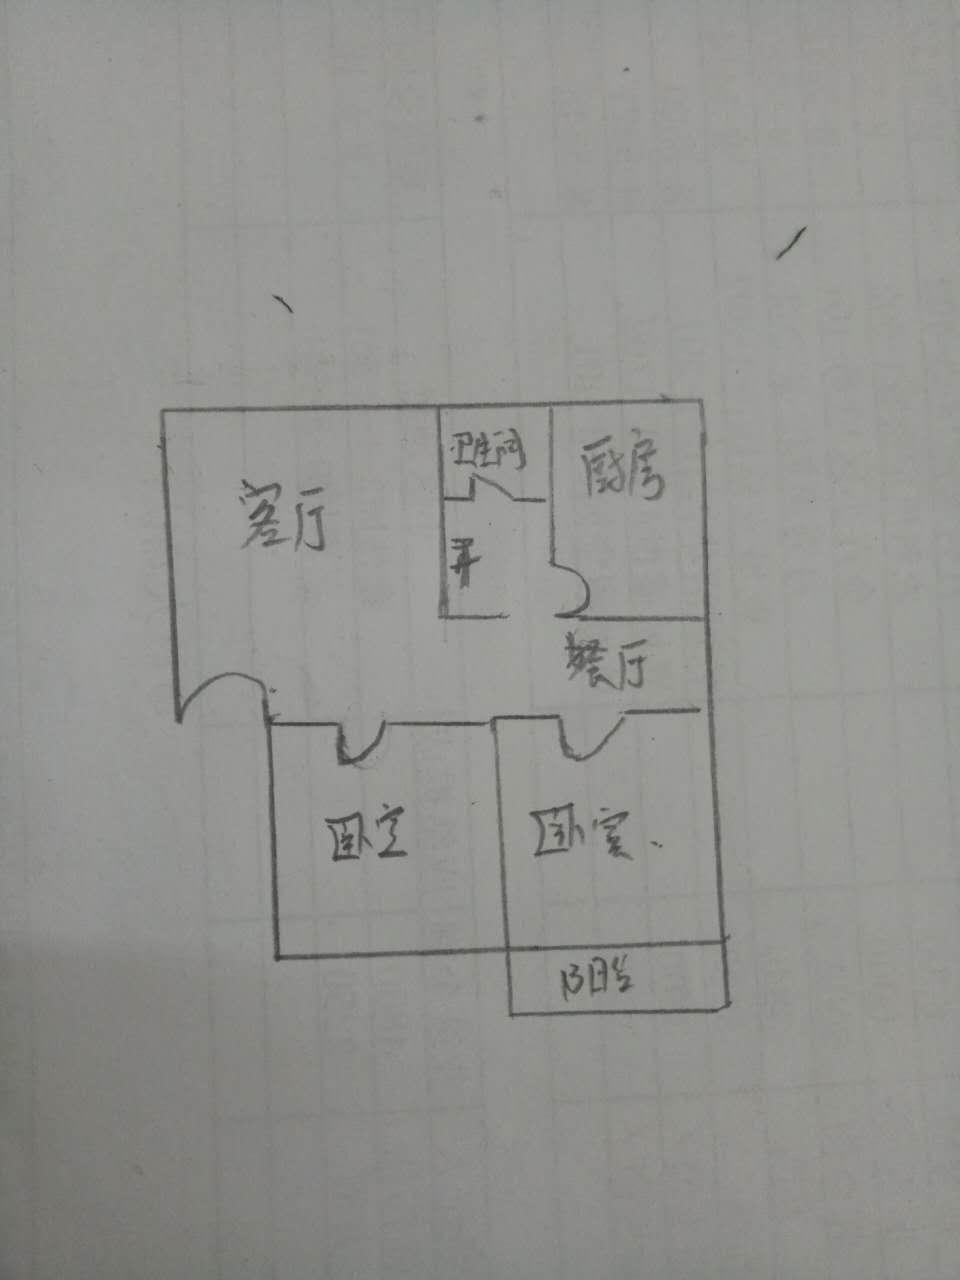 鑫家园 2室2厅 2楼